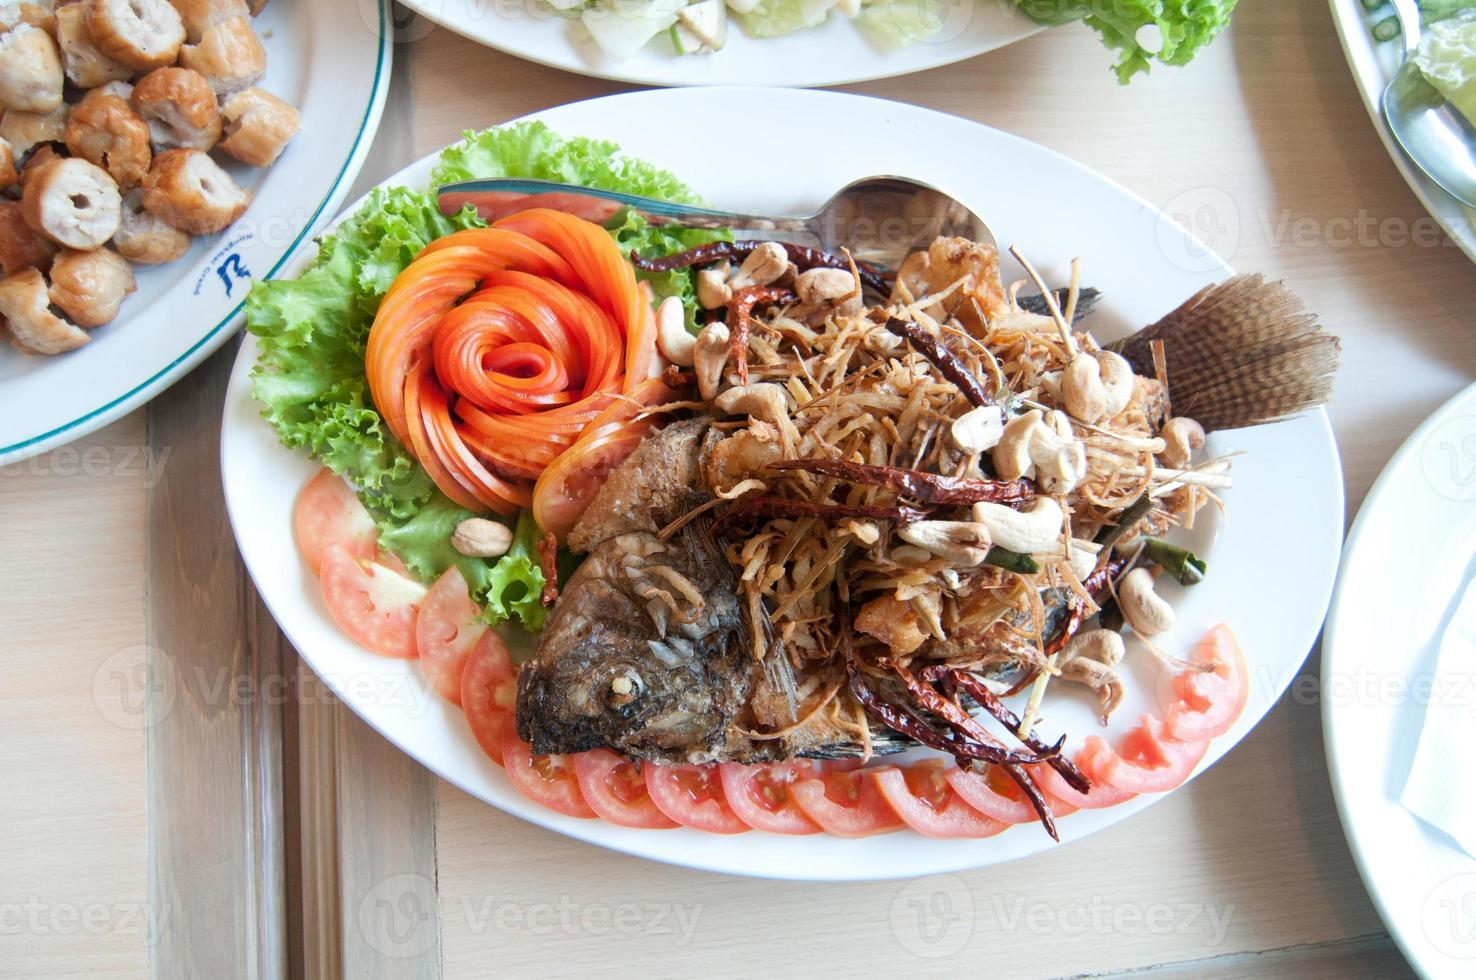 gebratener Fisch mit thailändischem Essen und Kräuterbeilage foto